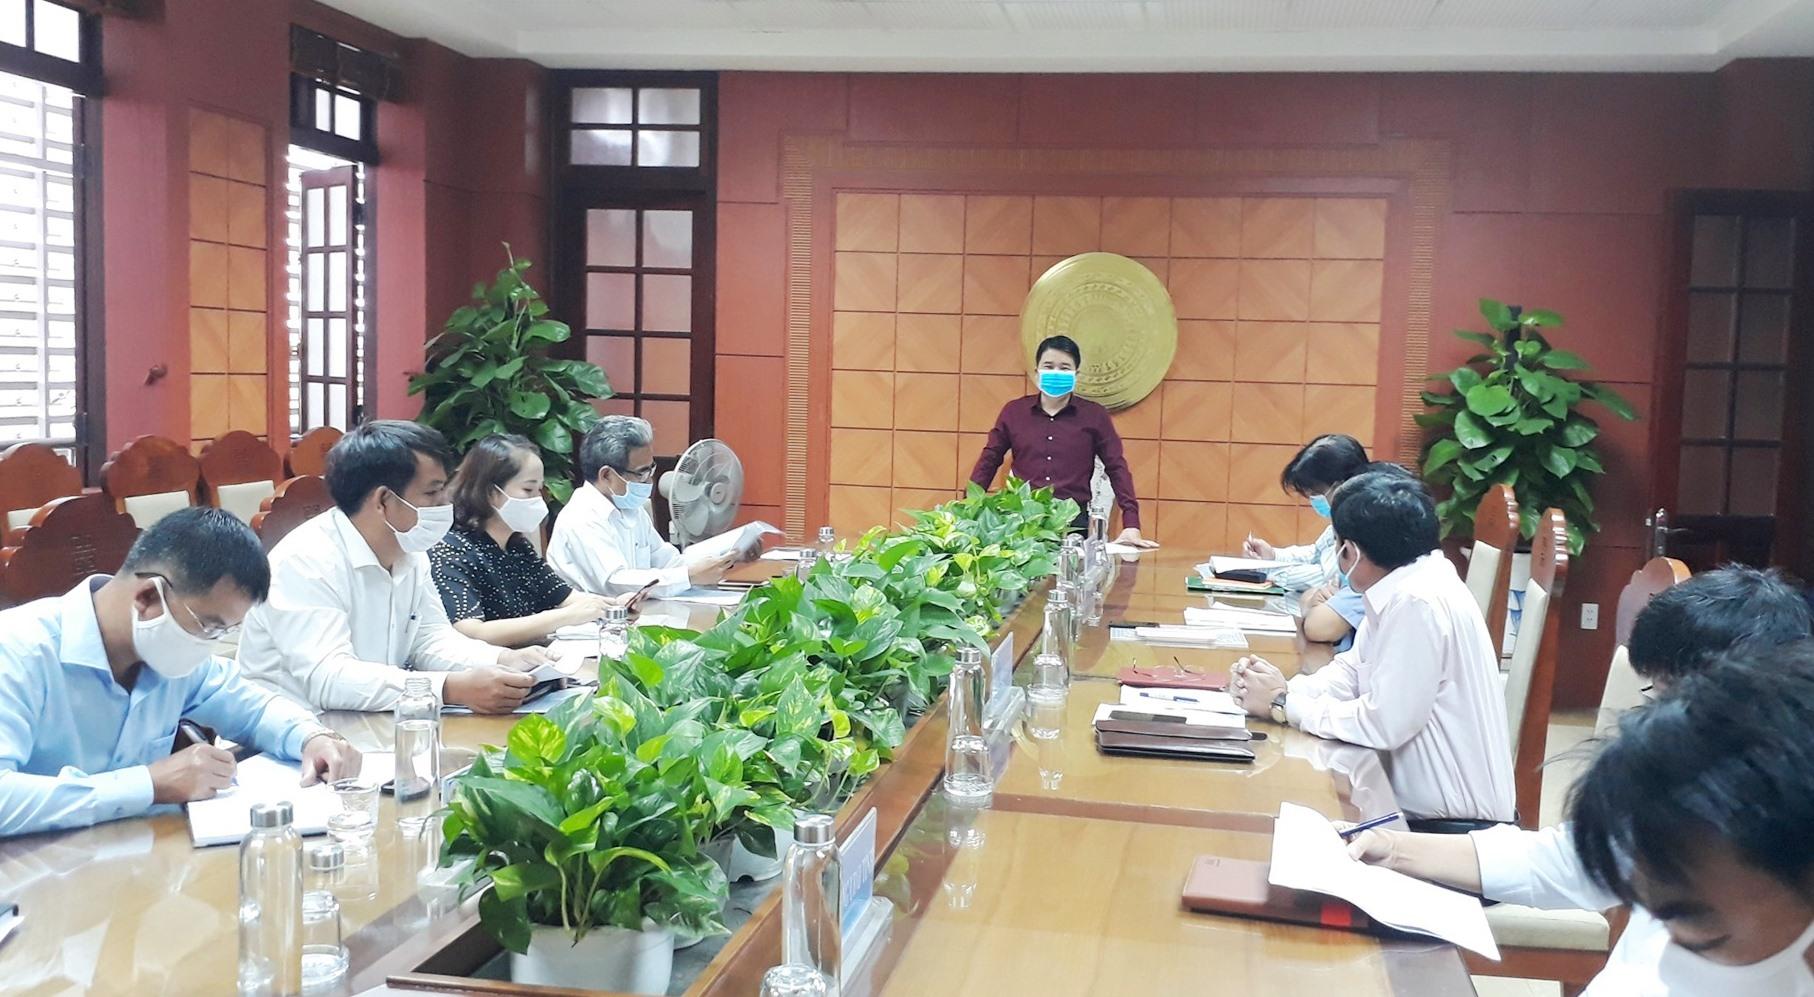 Phó Chủ tịch UBND tỉnh Trần Văn Tân yêu cầu khẩn trương thực hiện nghiêm túc, đầy đủ các biện pháp phòng chống dịch để học sinh đi học an toàn. Ảnh: X.P